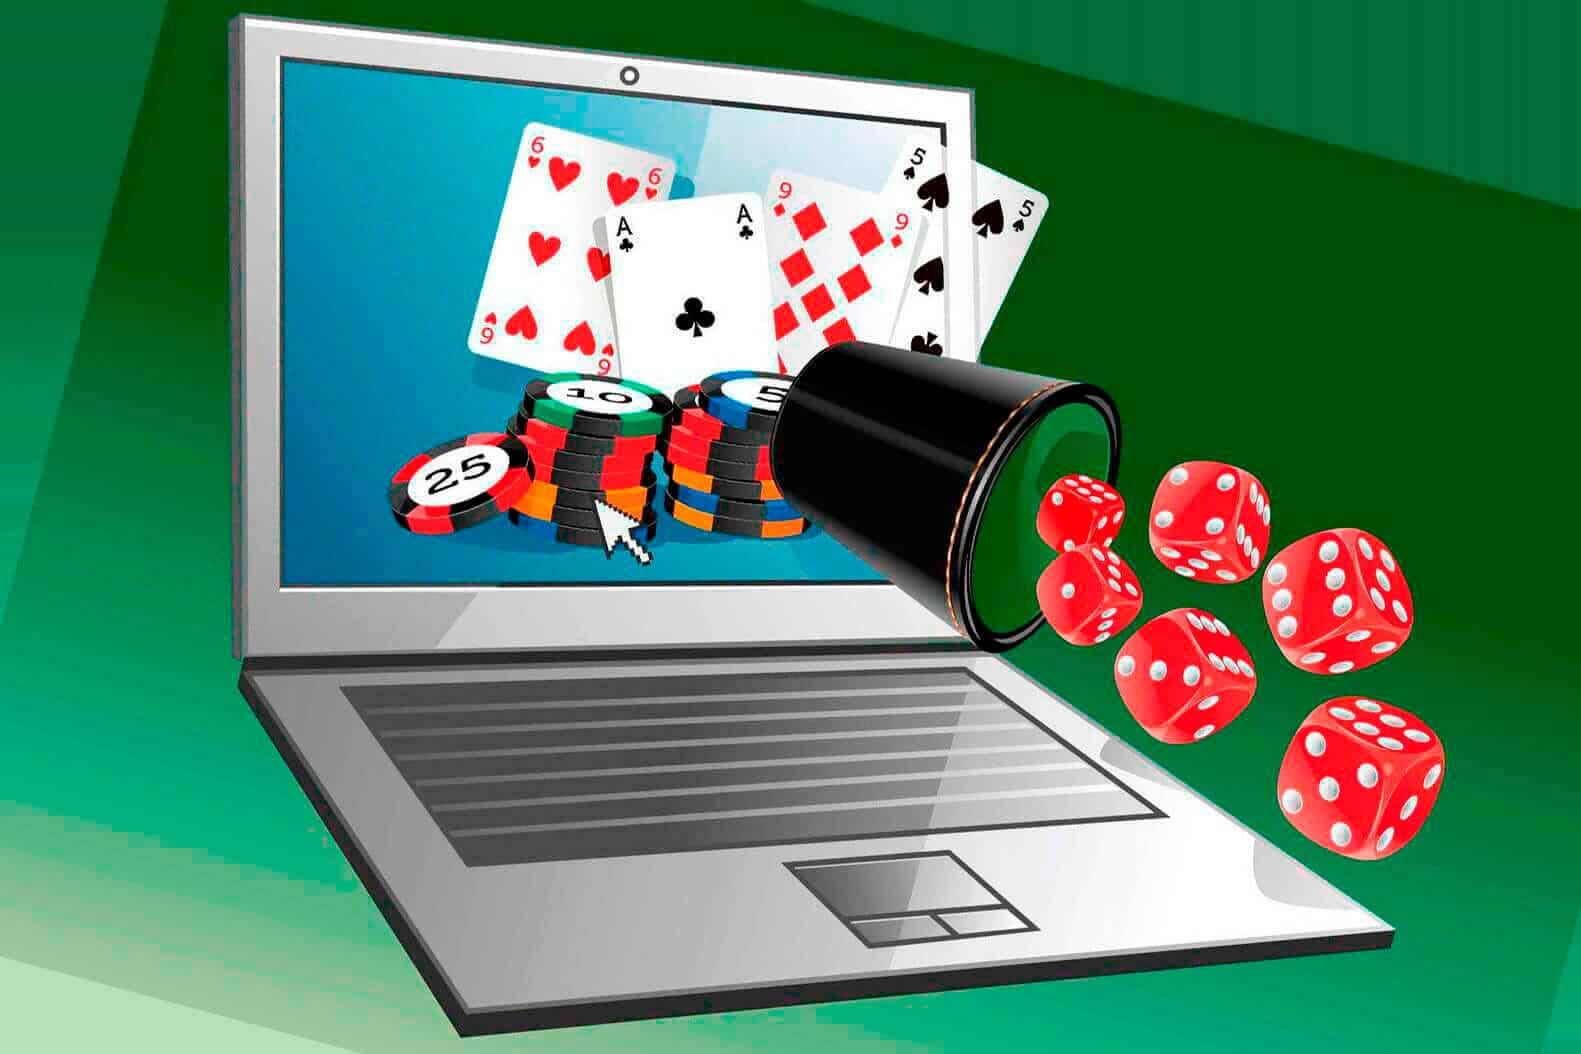 Мировые онлайн казино голд слотс новые игровые автоматы